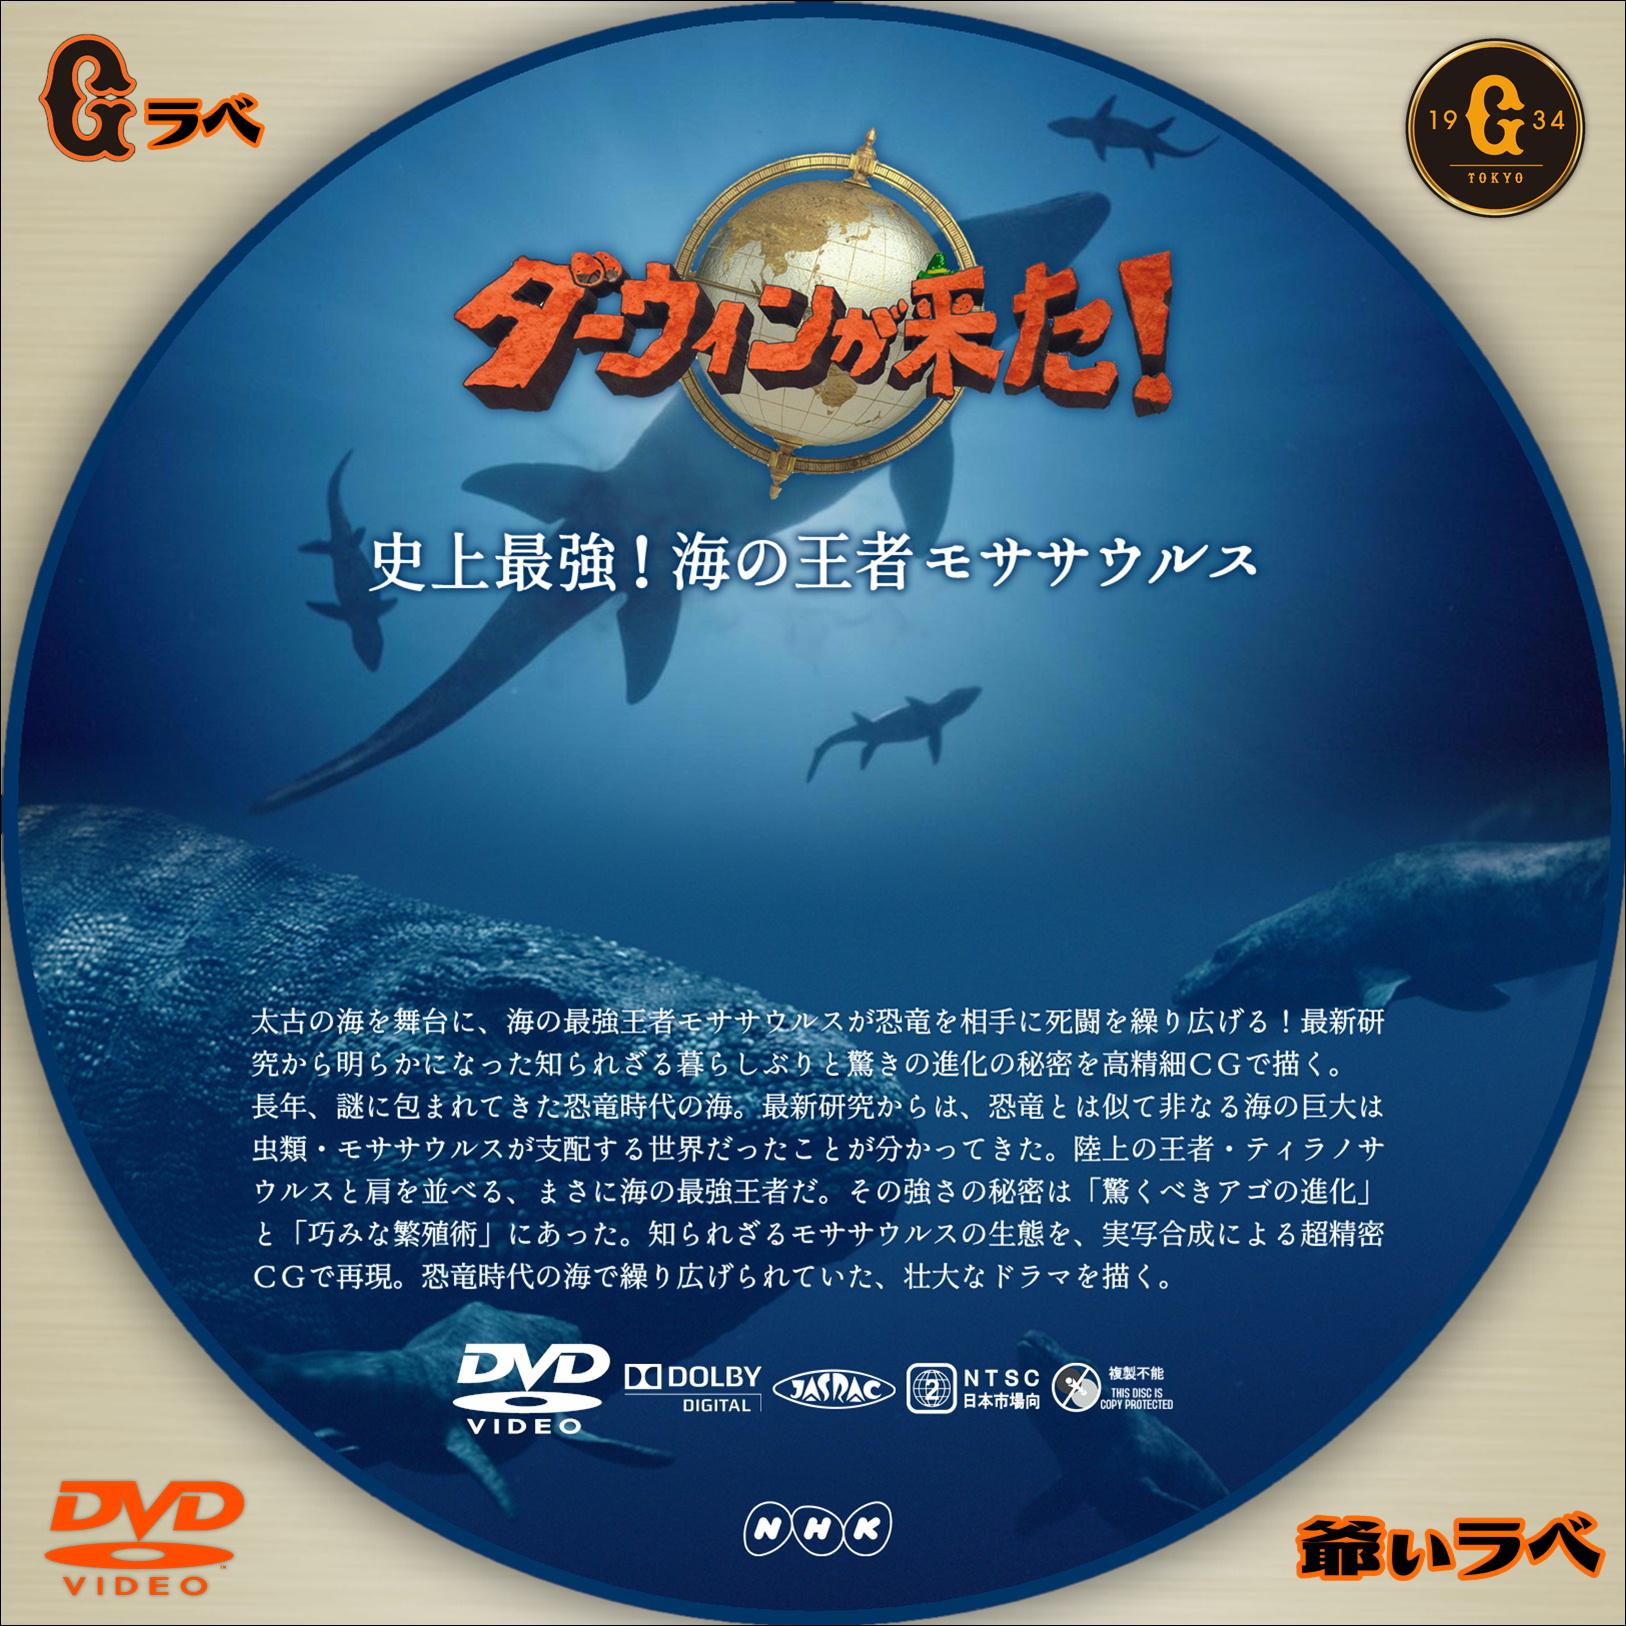 ダーウィンが来た!「史上最強!海の王者モササウルス」(DVD)